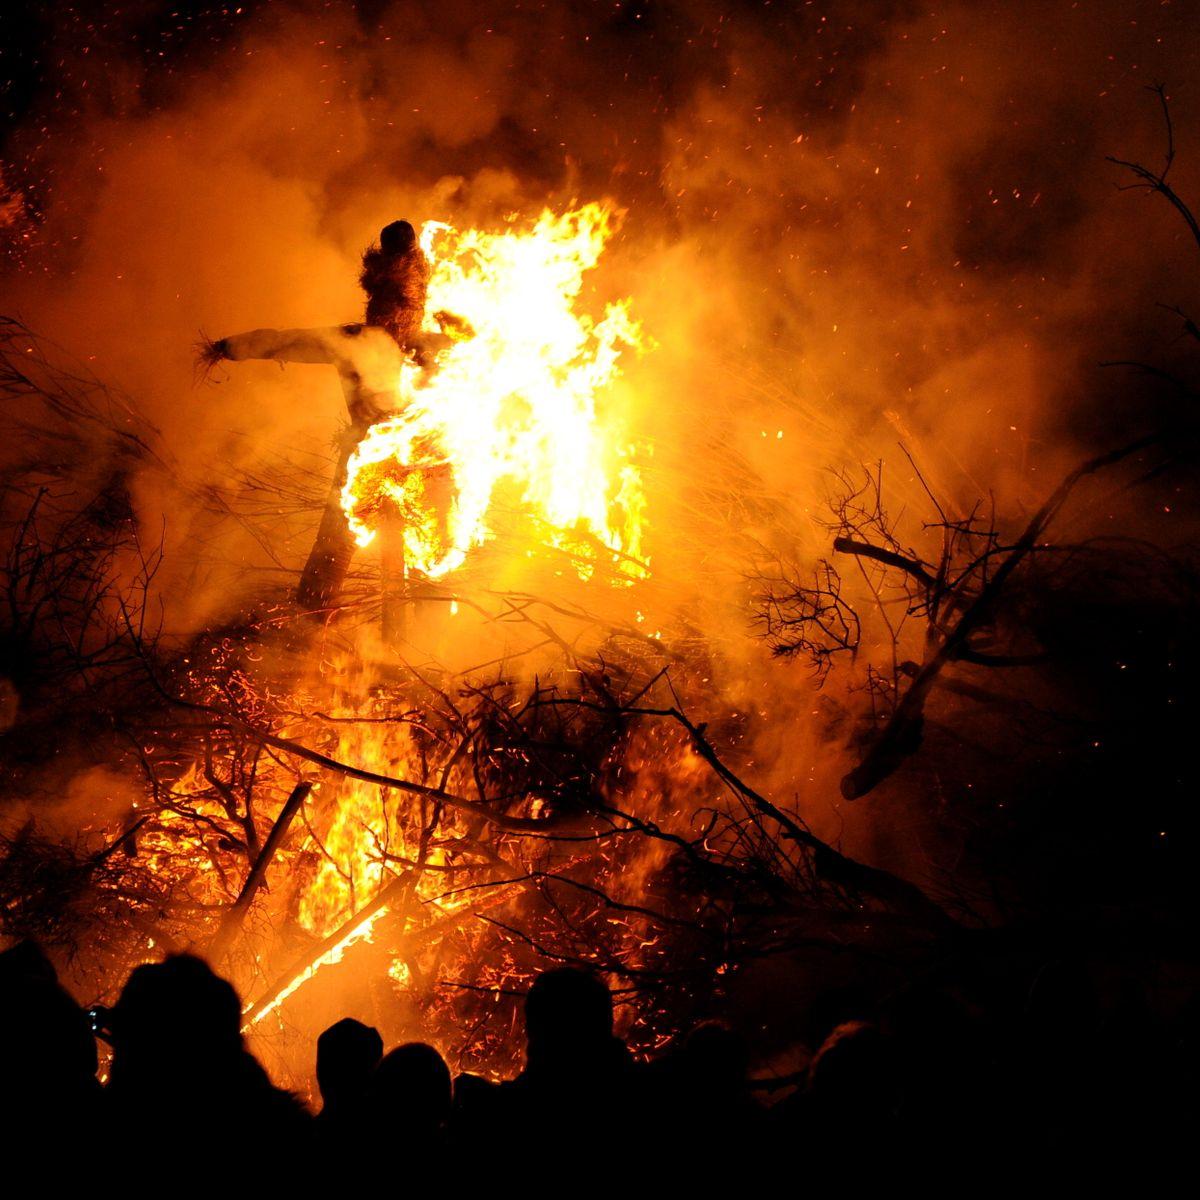 Biikebrennen auf Pellworm : Feuerzeichen in der Nordsee